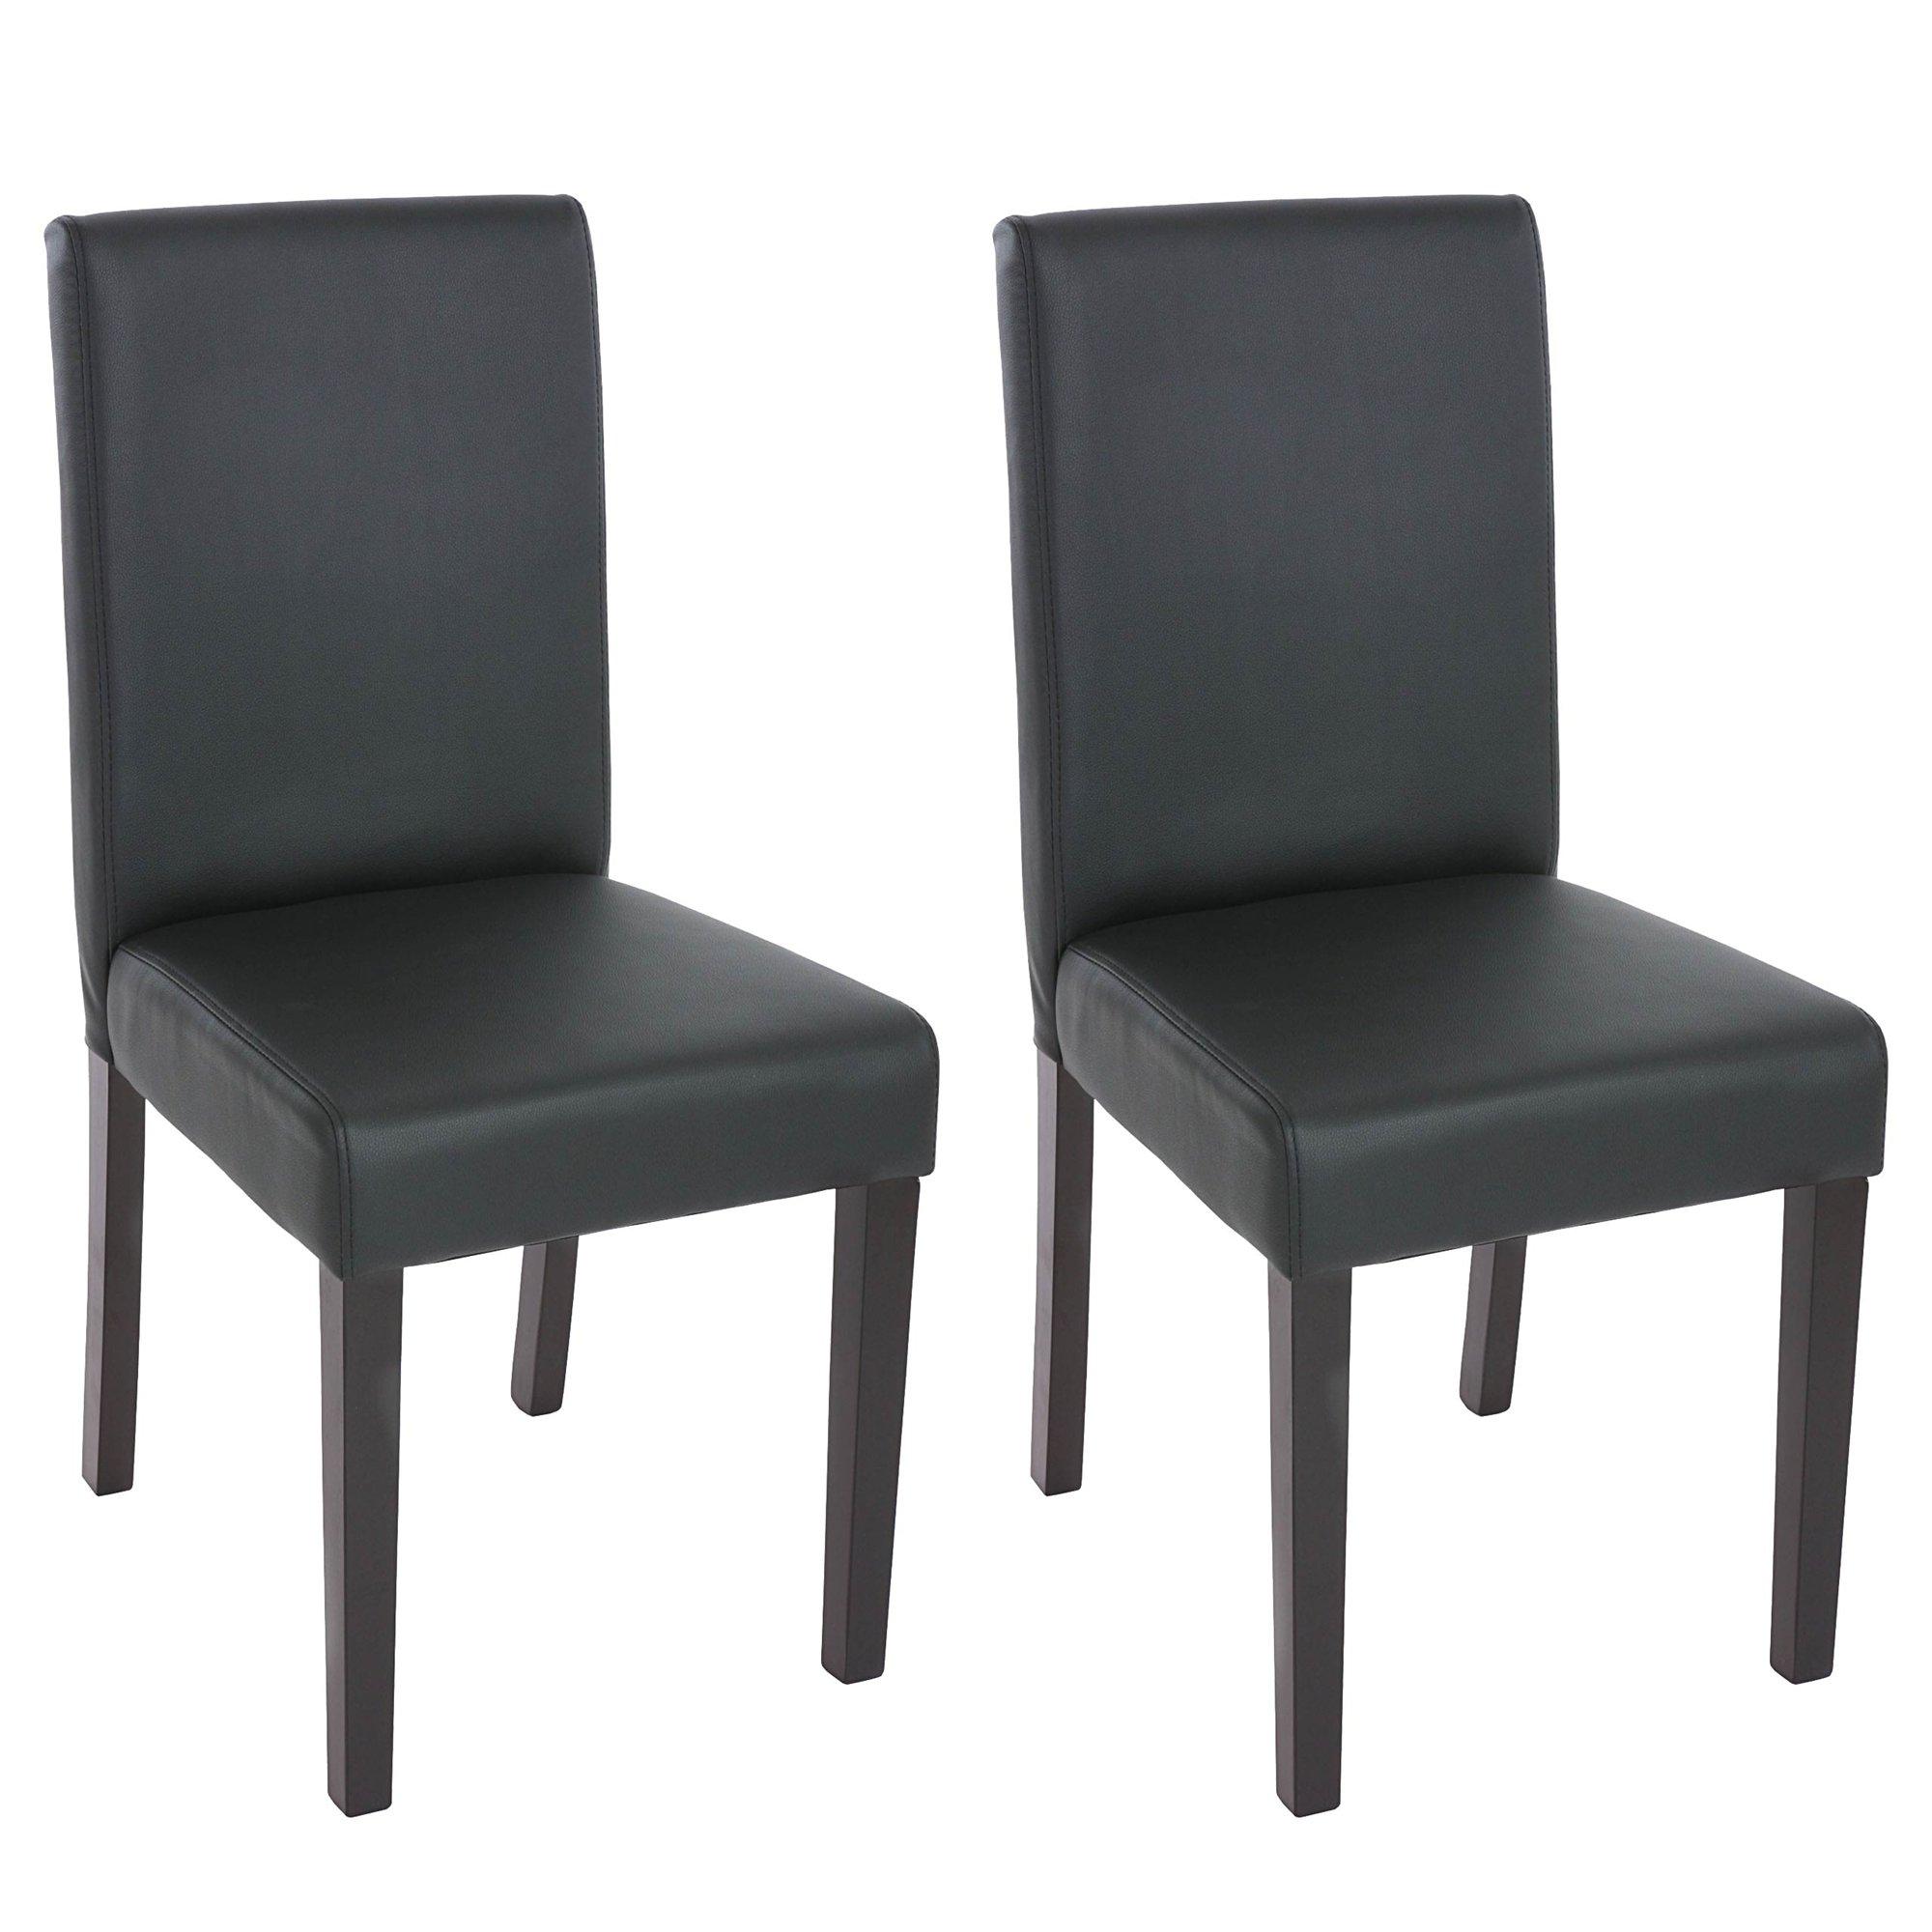 Lote 2 sillas de comedor litau en piel negra mate lote for Sillas negras para comedor